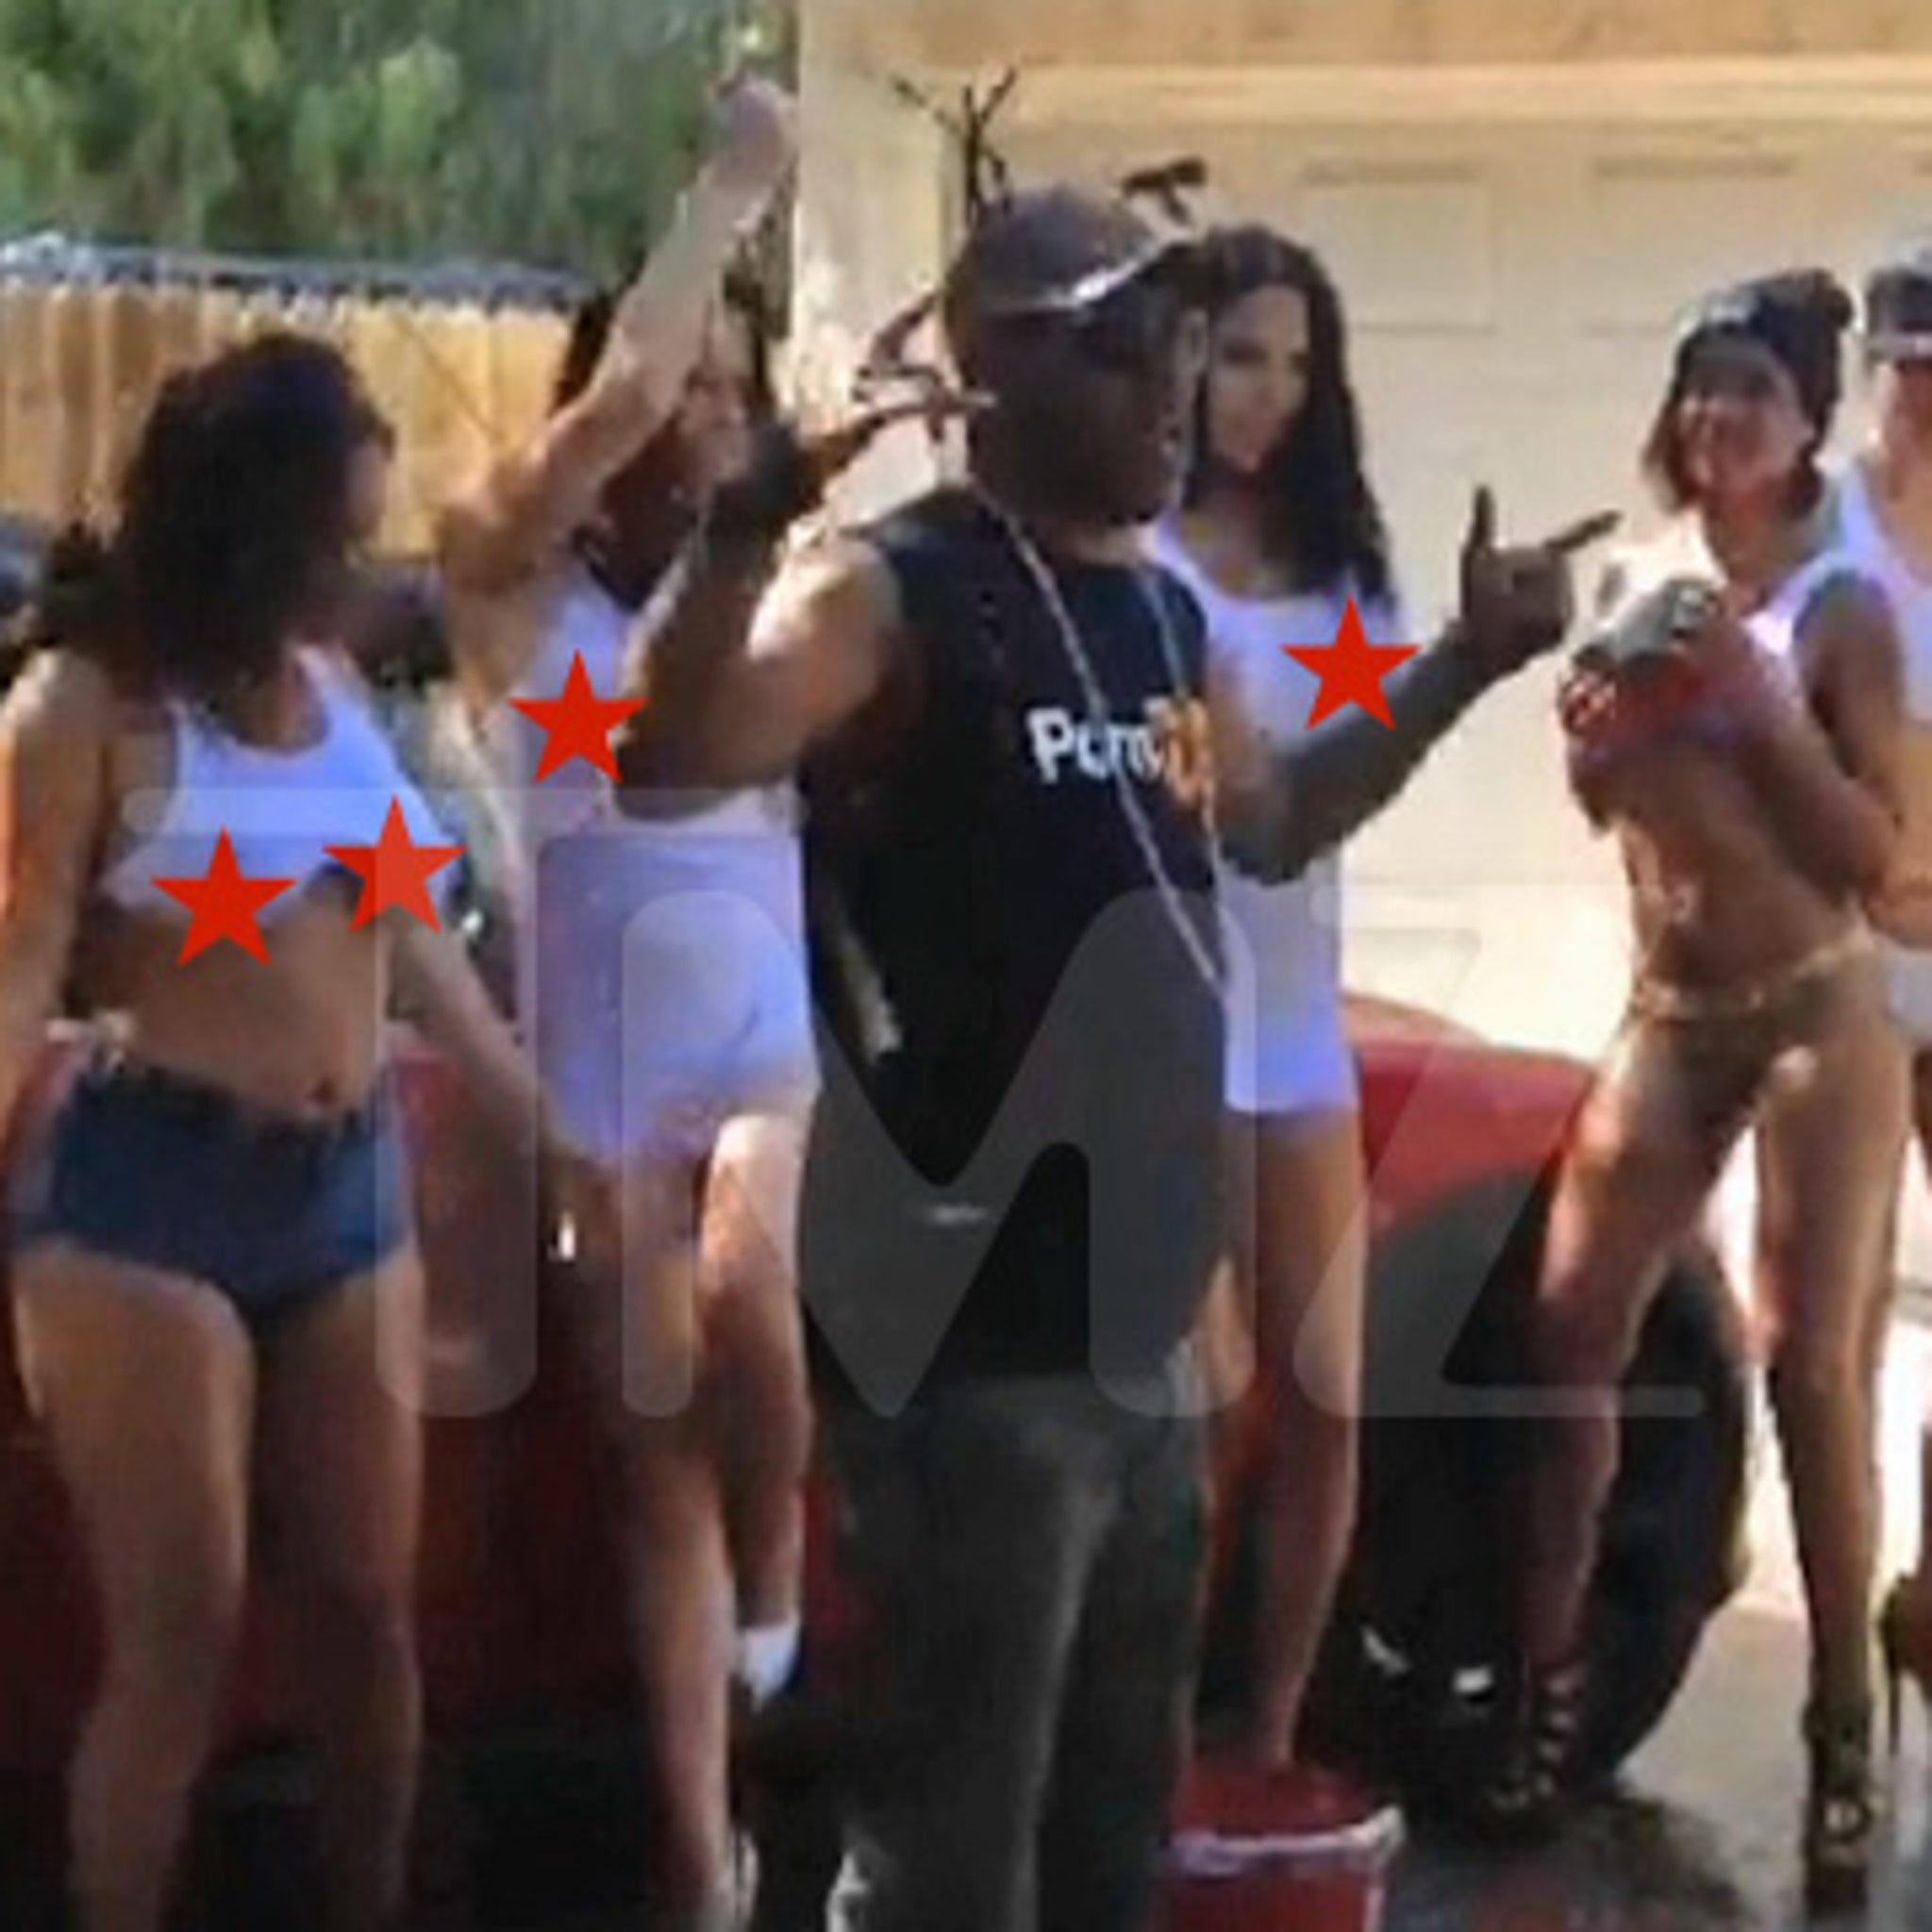 Skinny nude army girls